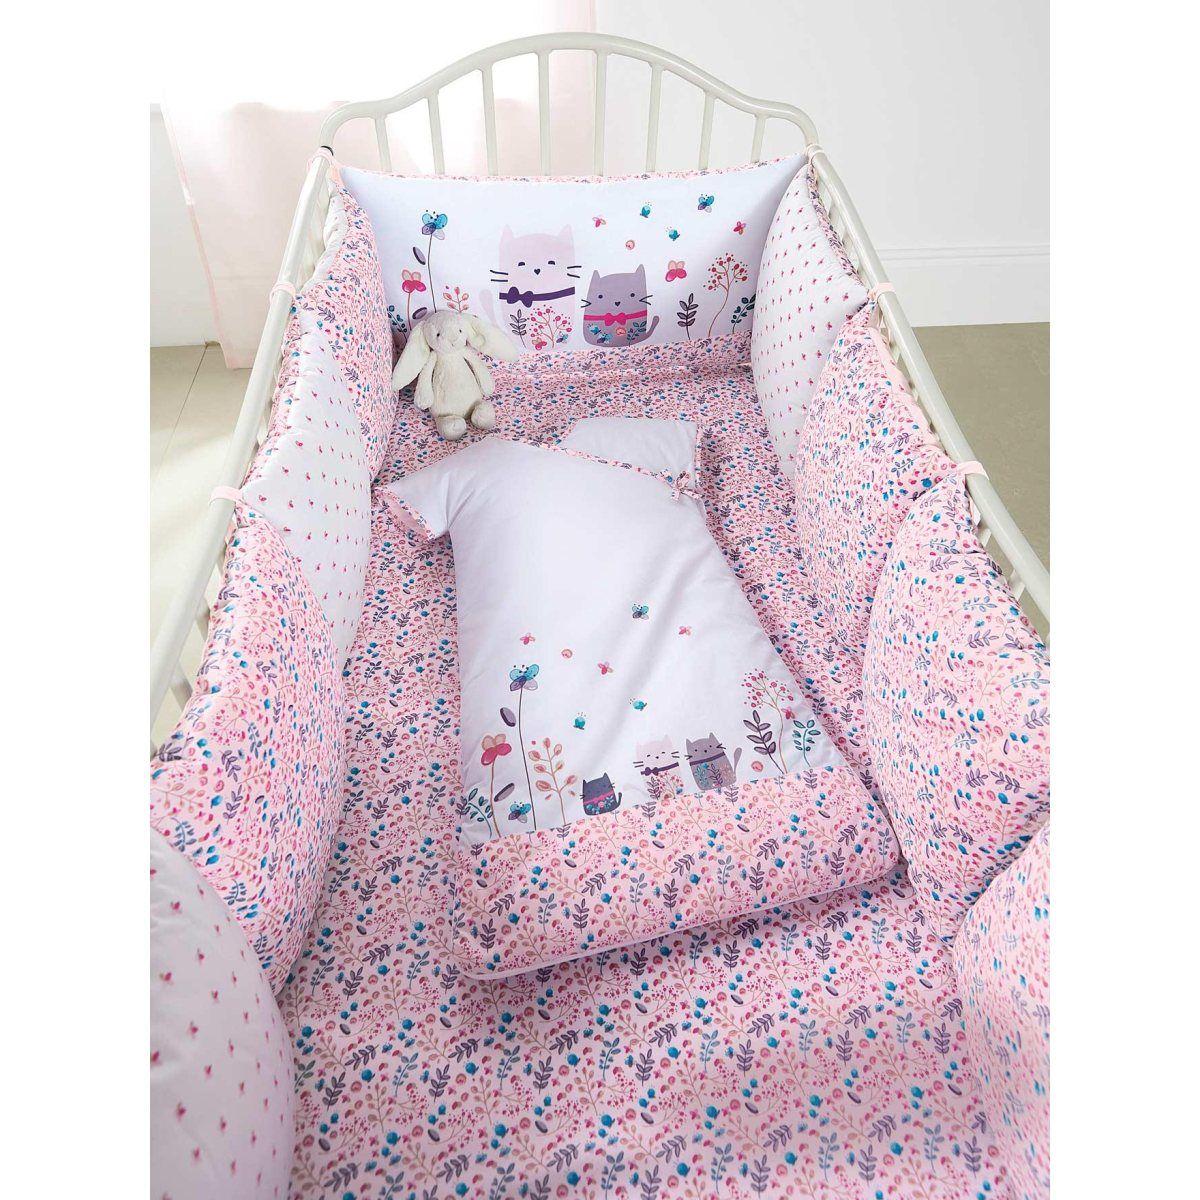 tour de lit bébé la redoute Tour de lit family cat Vertbaudet | La Redoute | À acheter | Pinterest tour de lit bébé la redoute